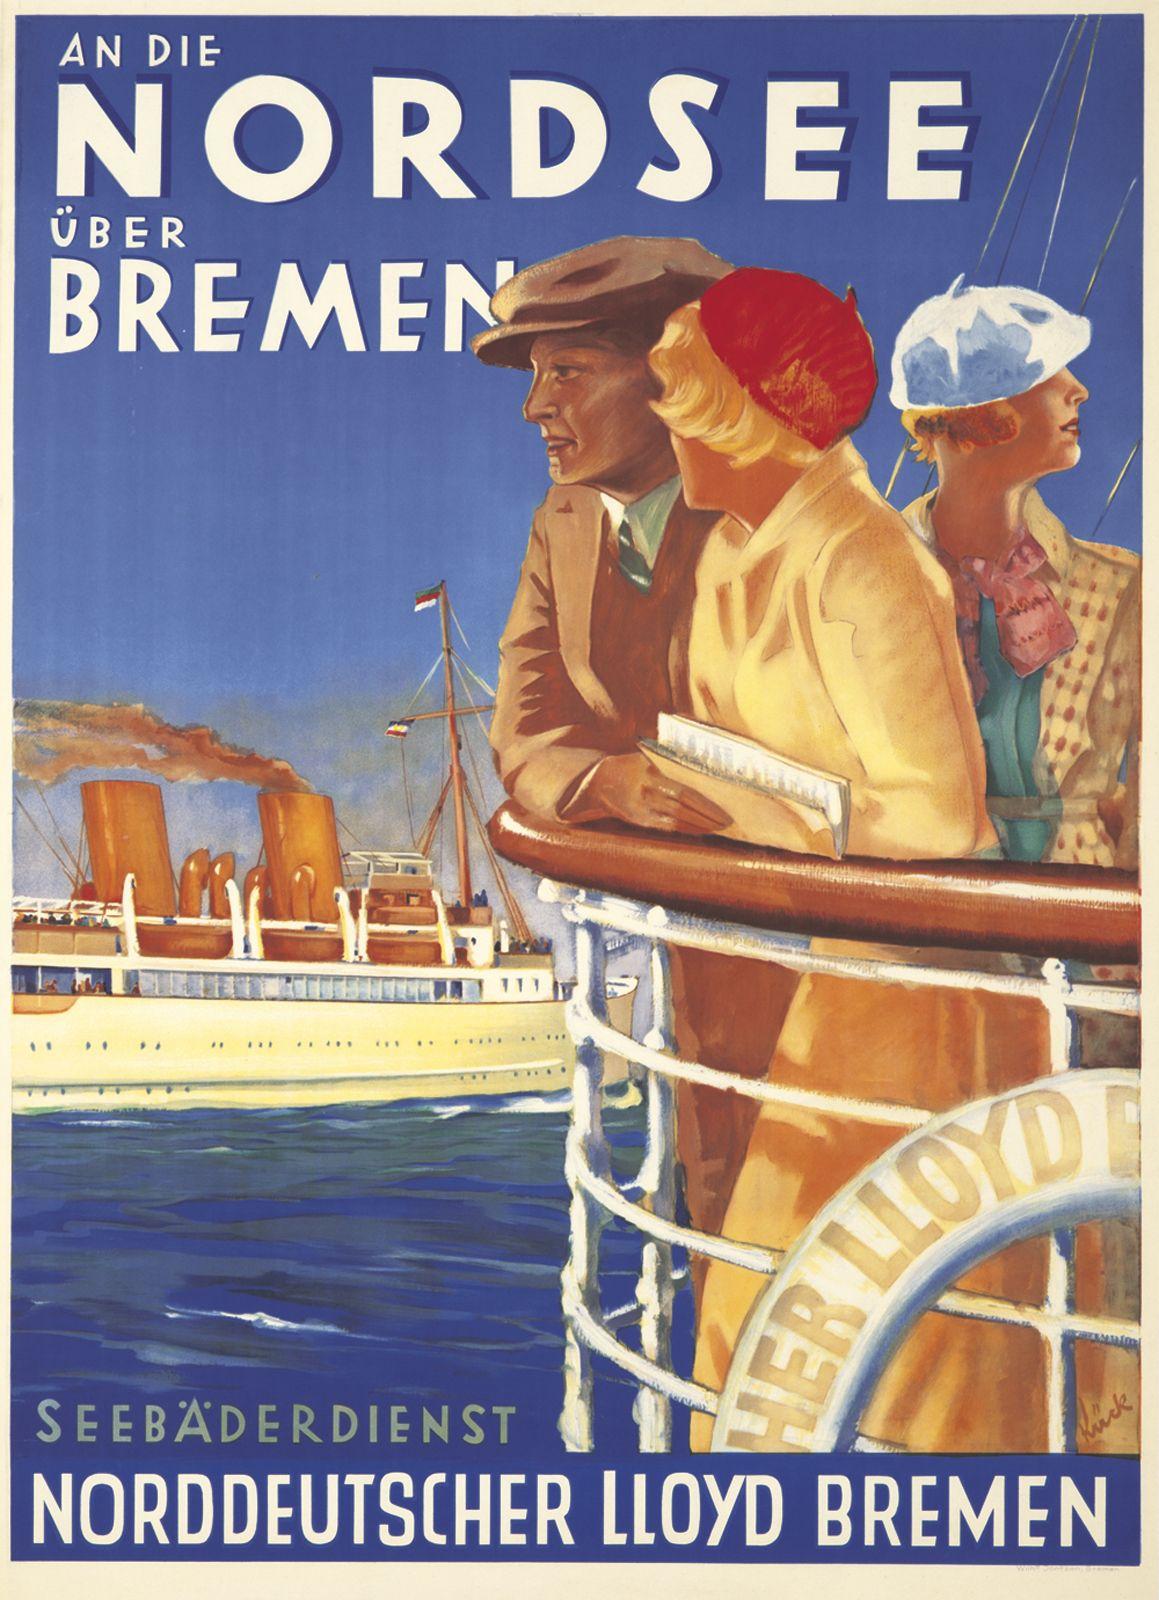 Norddeutscher Lloyd Bremen Nordsee By Fritz Kuck 1933